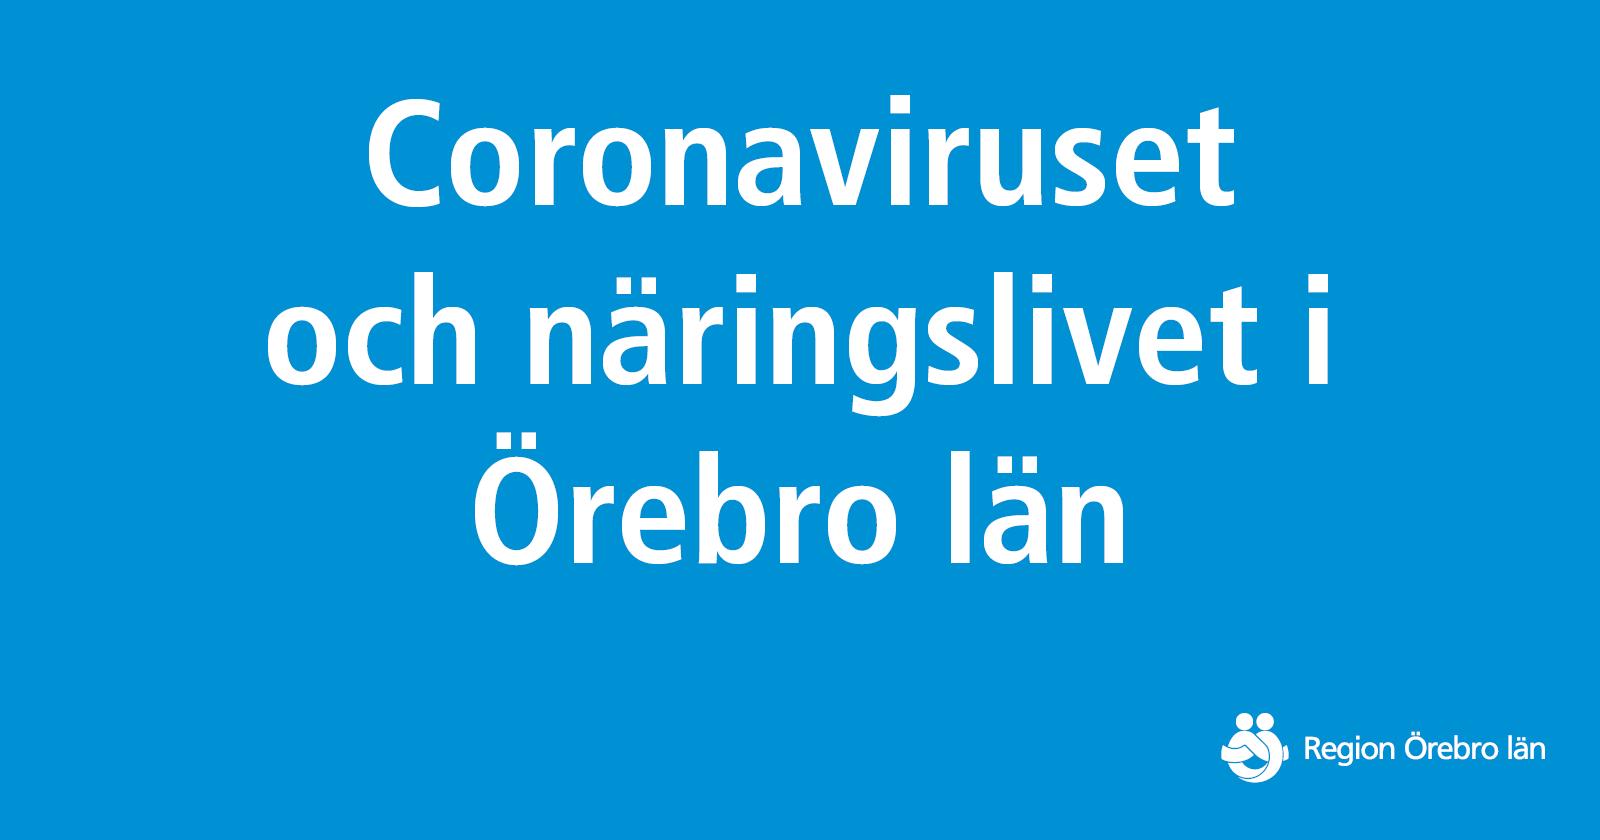 Coronavirusets ekonomiska konsekvenser